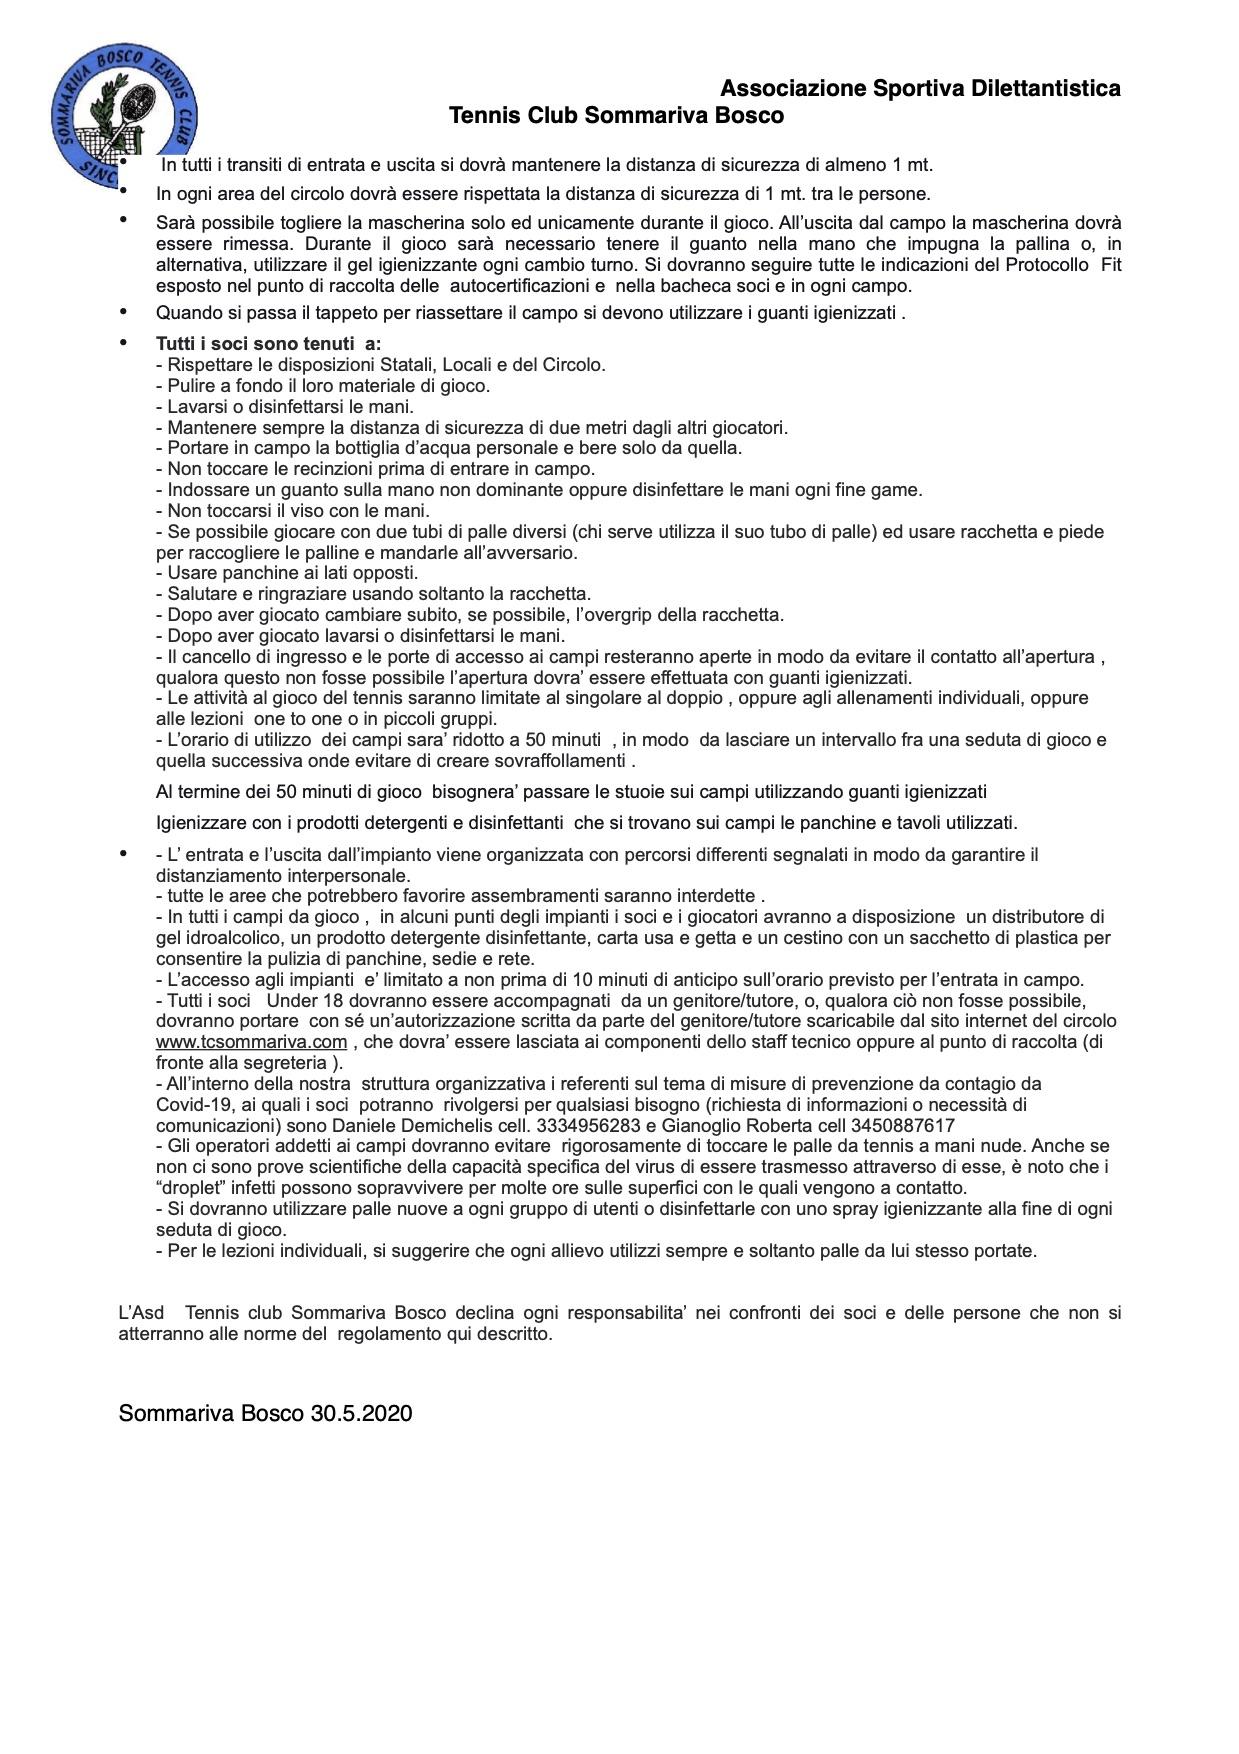 regolamento-ripartenza-tennis-tc-sommariva-bosco-01-06